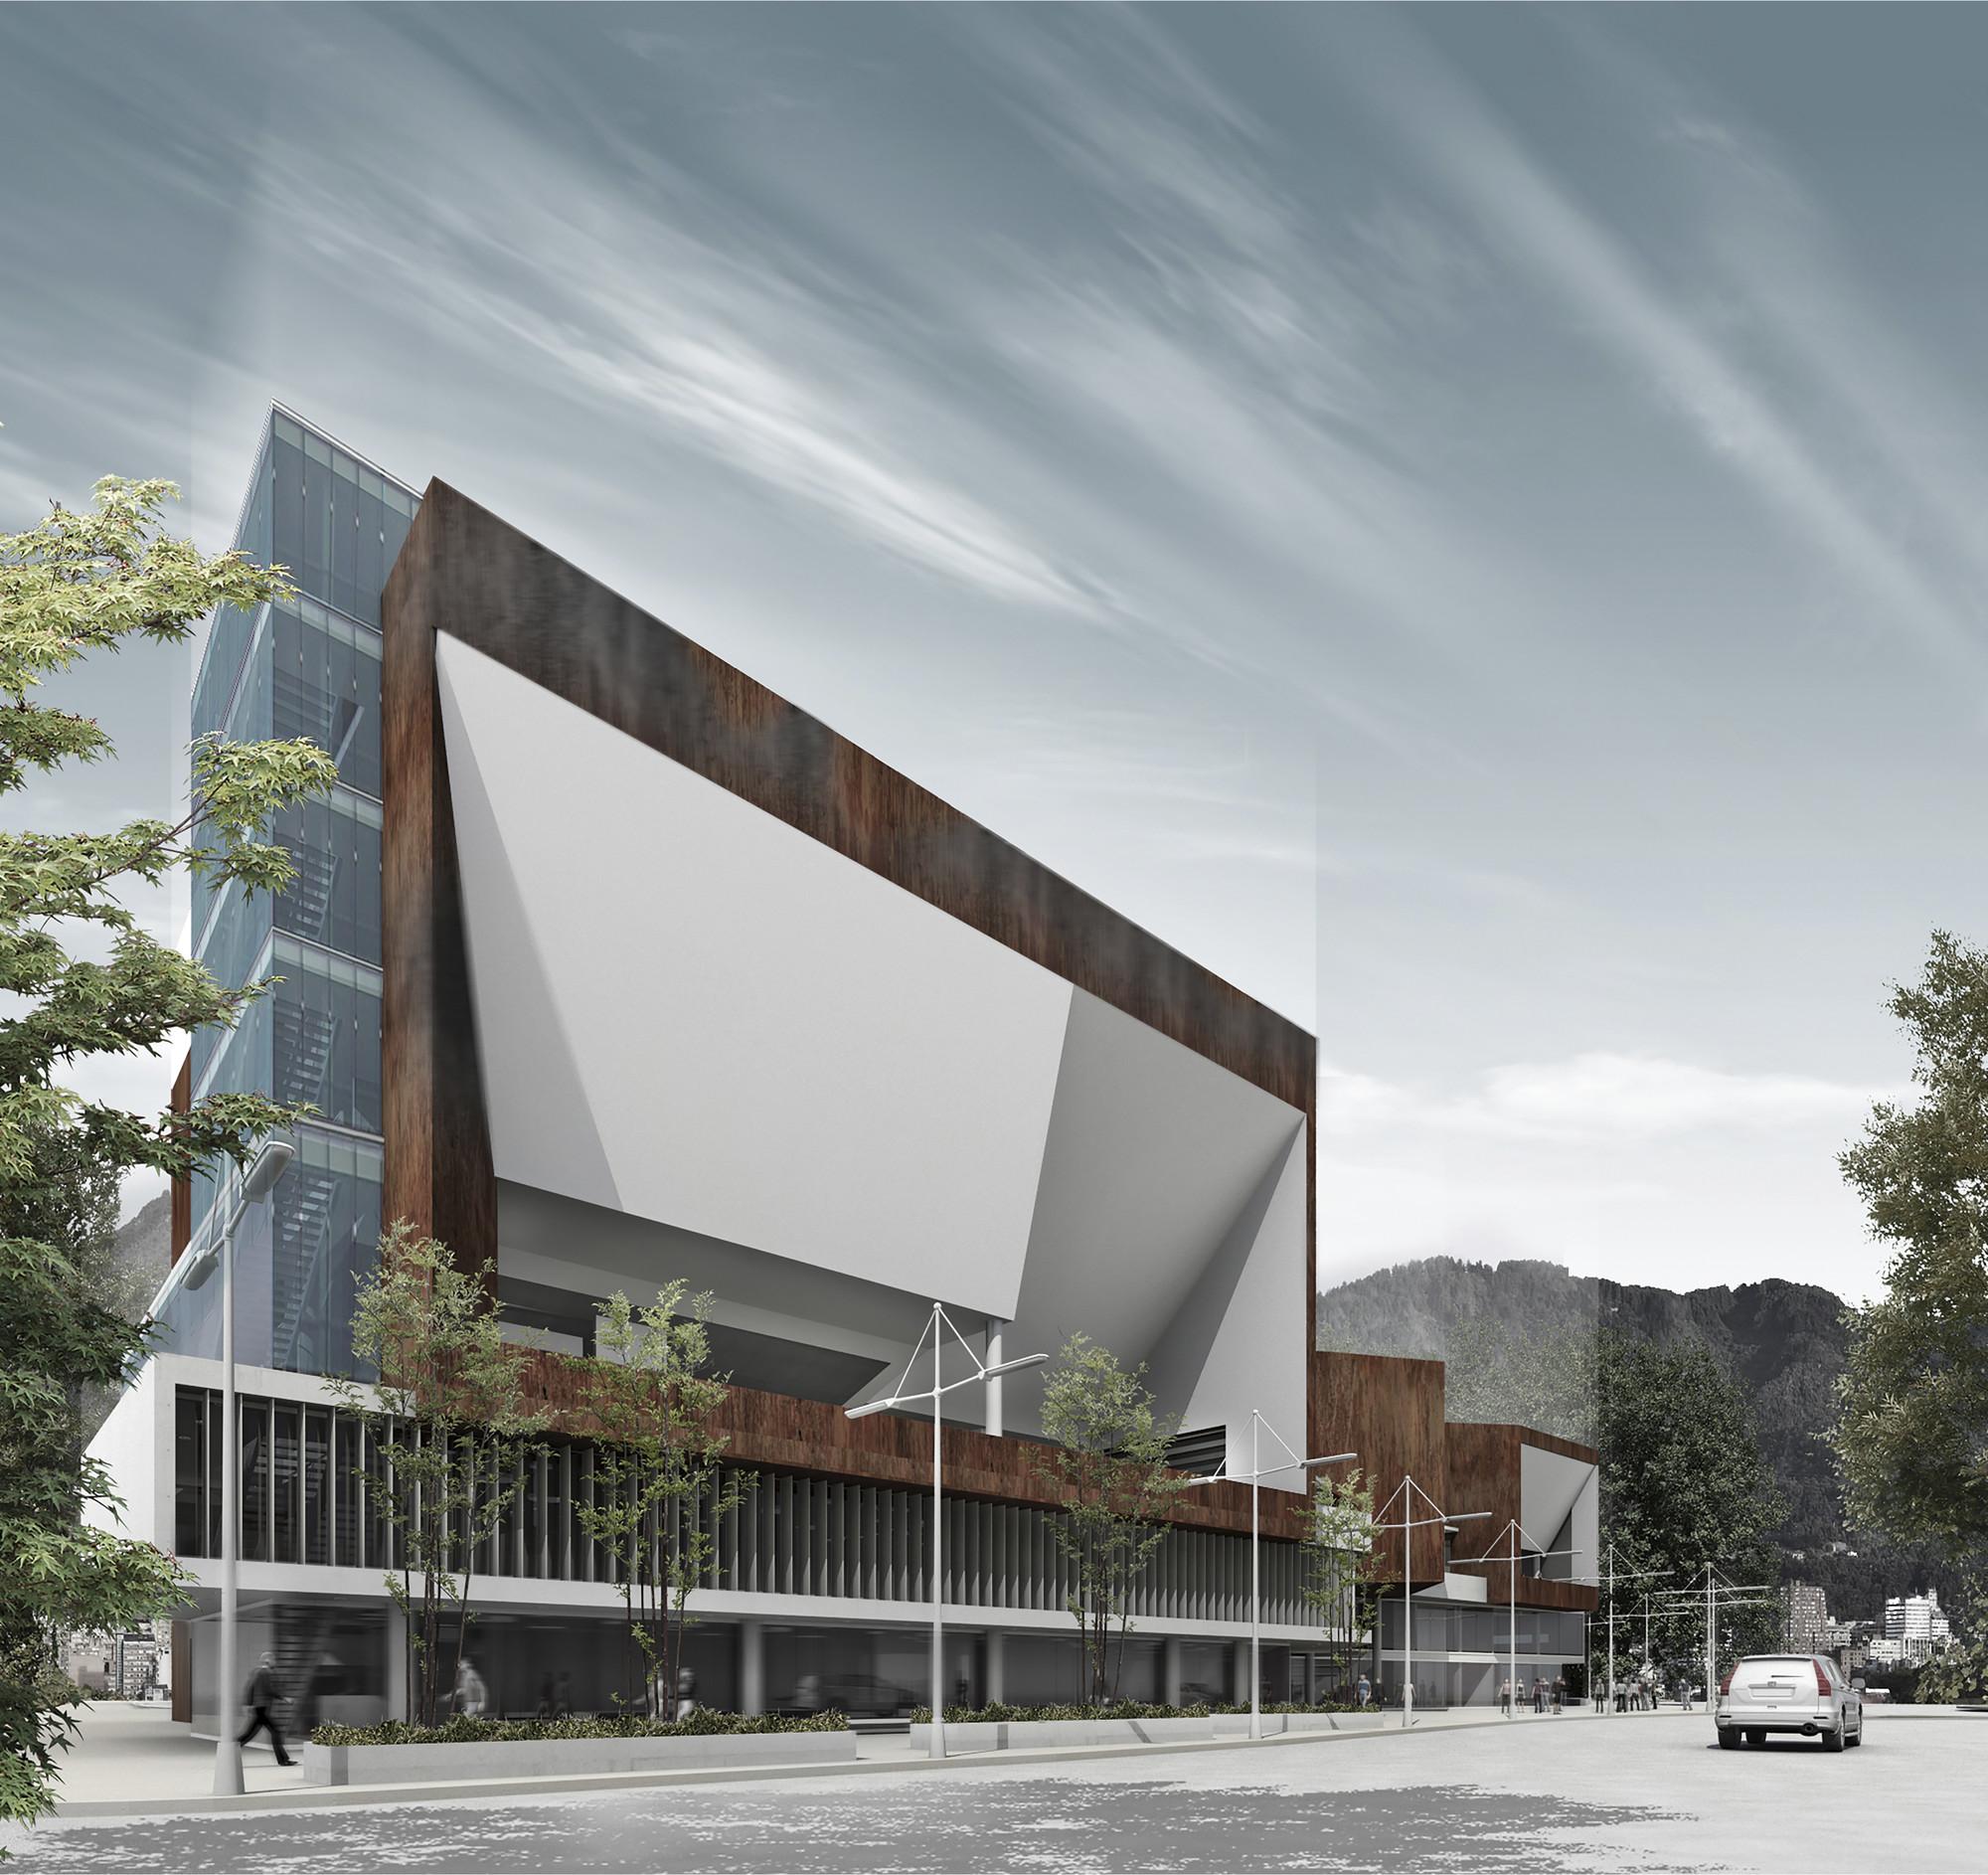 Cortesia de Eje A Arquitectura y Urbanismo